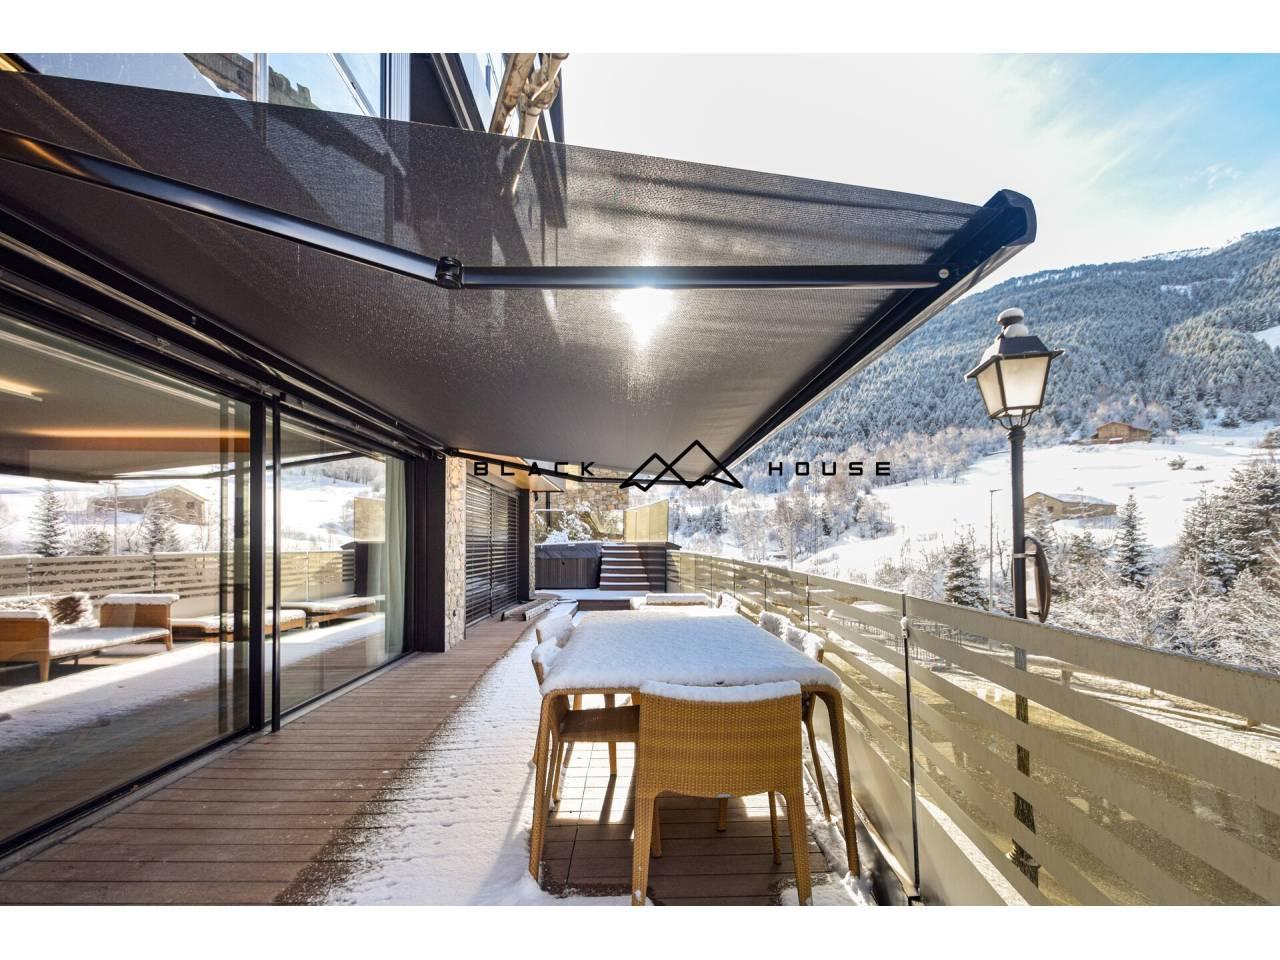 Magnífic pis en venda a GranValira, amb àmplia terrassa, jacuzzi i vistes espectaculars.